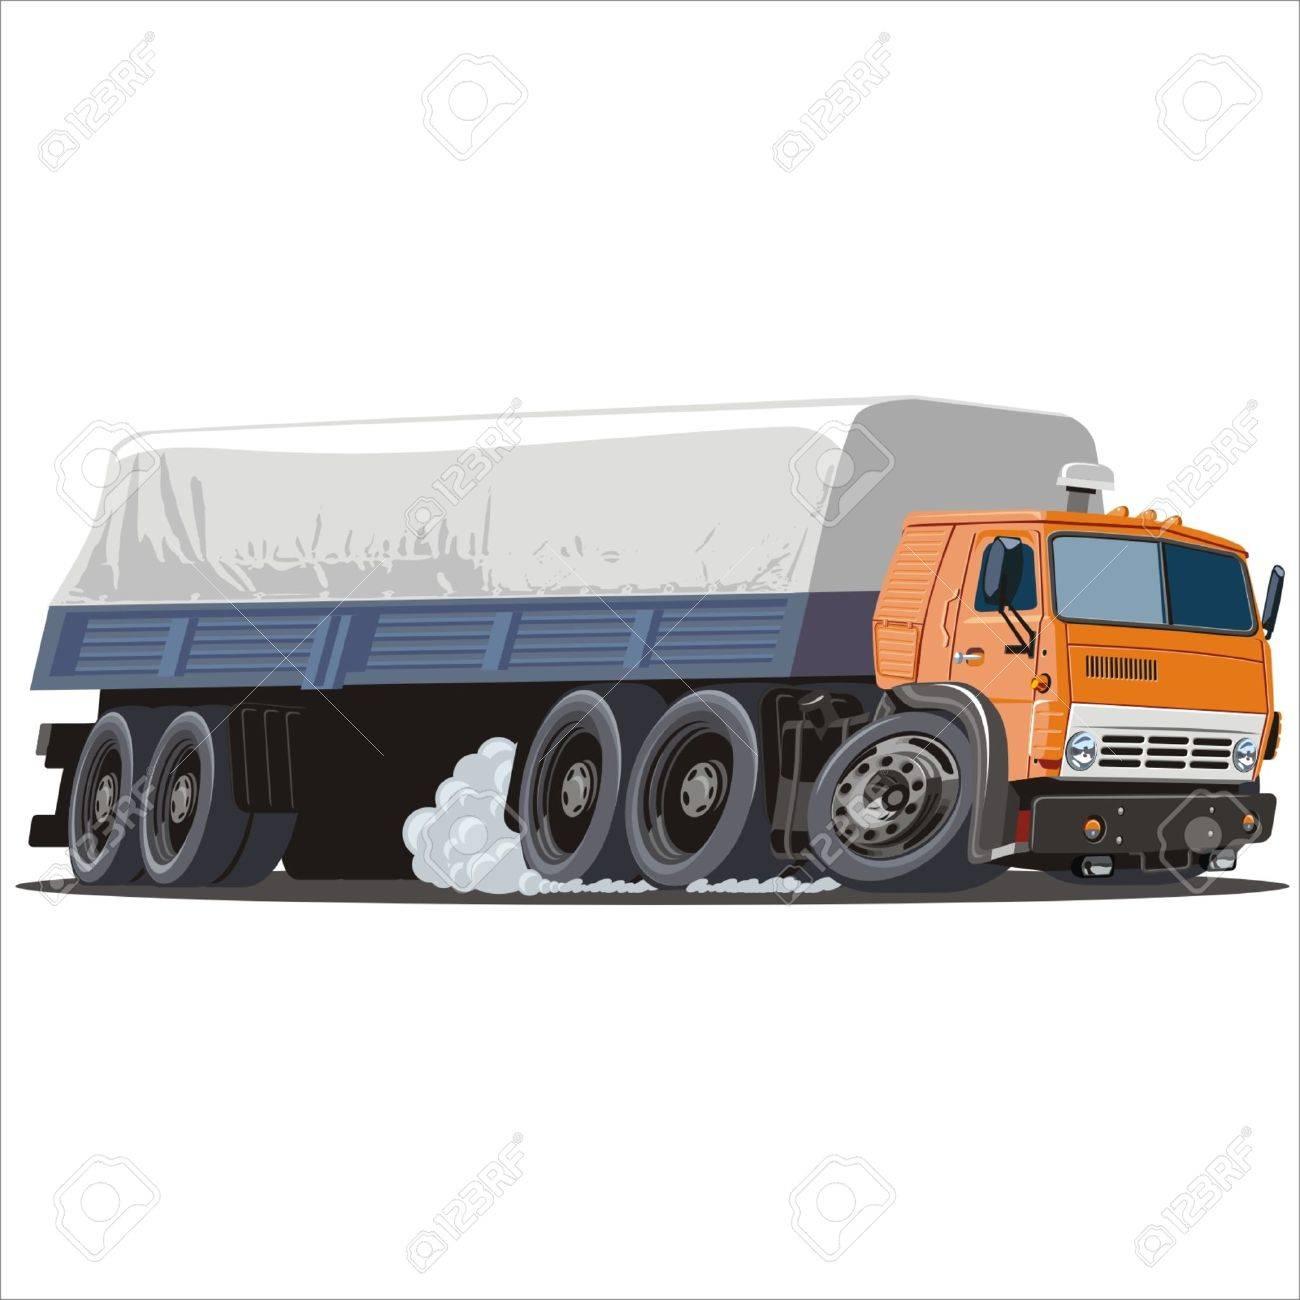 Semi Truck Cartoon Image Semi Truck Vector Cartoon